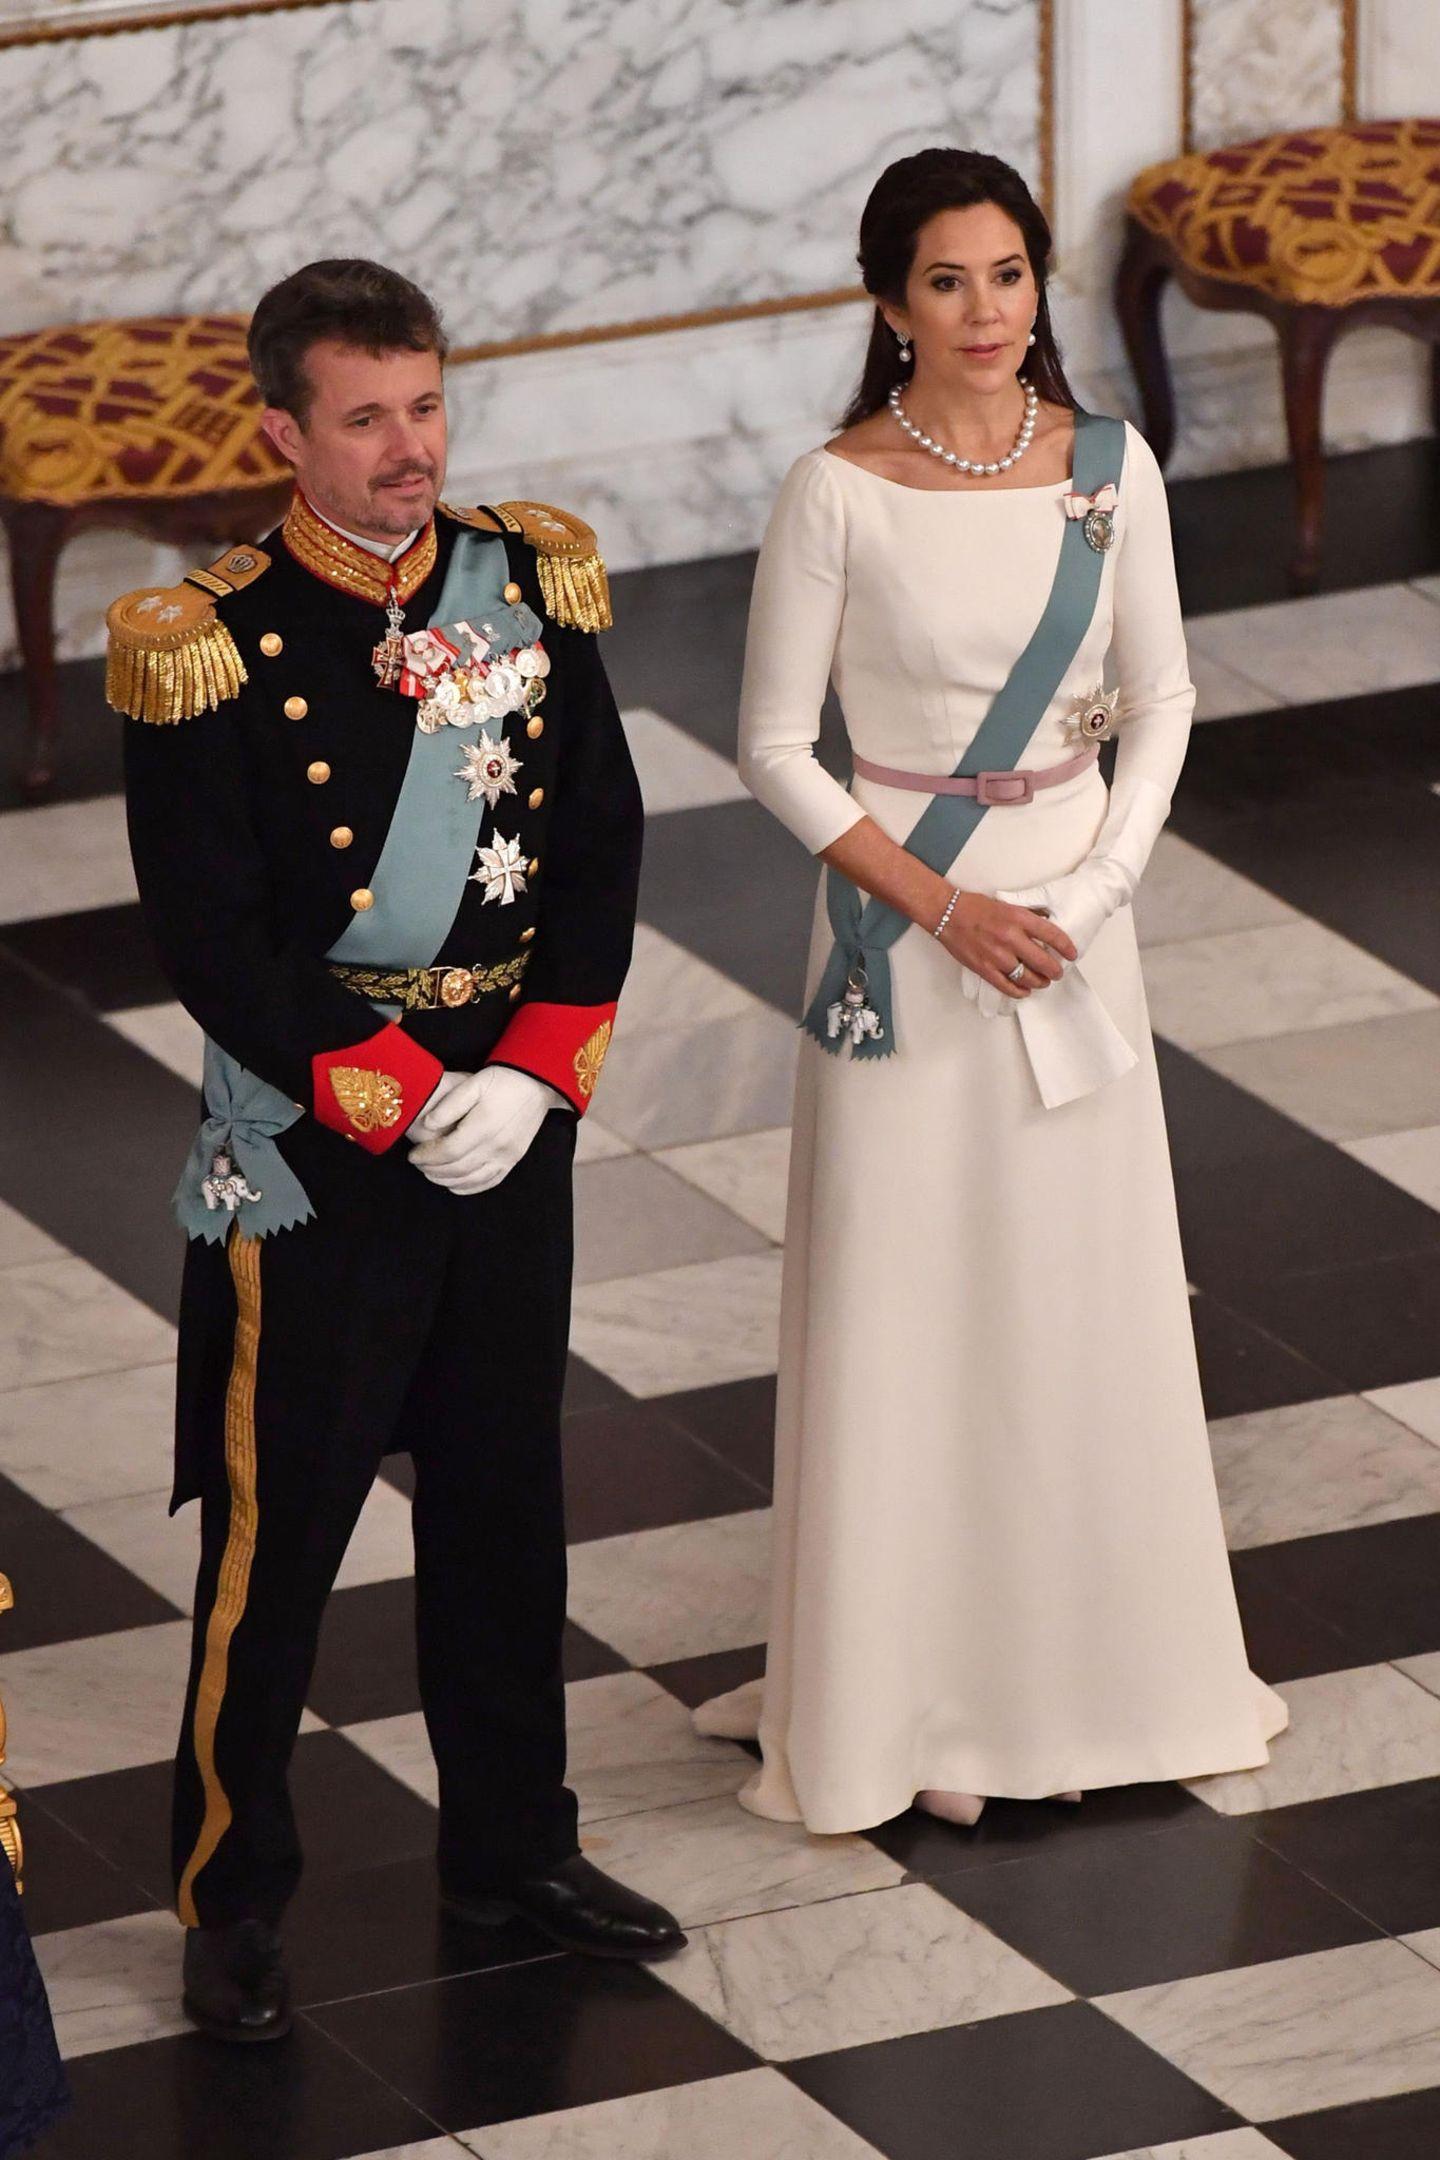 Für einen Empfang auf dem Schloss in Kopenhagen wählt Prinzessin Mary von Dänemark ein erstaunlich ähnliches Kleid. Ihre weiße Robe besticht durch den gleichen klassischen Schnitt, den U-Boot-Ausschnitt, die langen Ärmel und den ausgestellten Rock, das Haar trägt die hübsche Australierin offen. Die Prinzessin peppt das minimalistische Design mitSchärpe, einemrosa-farbenen Gürtel und einer Perlenkette auf.